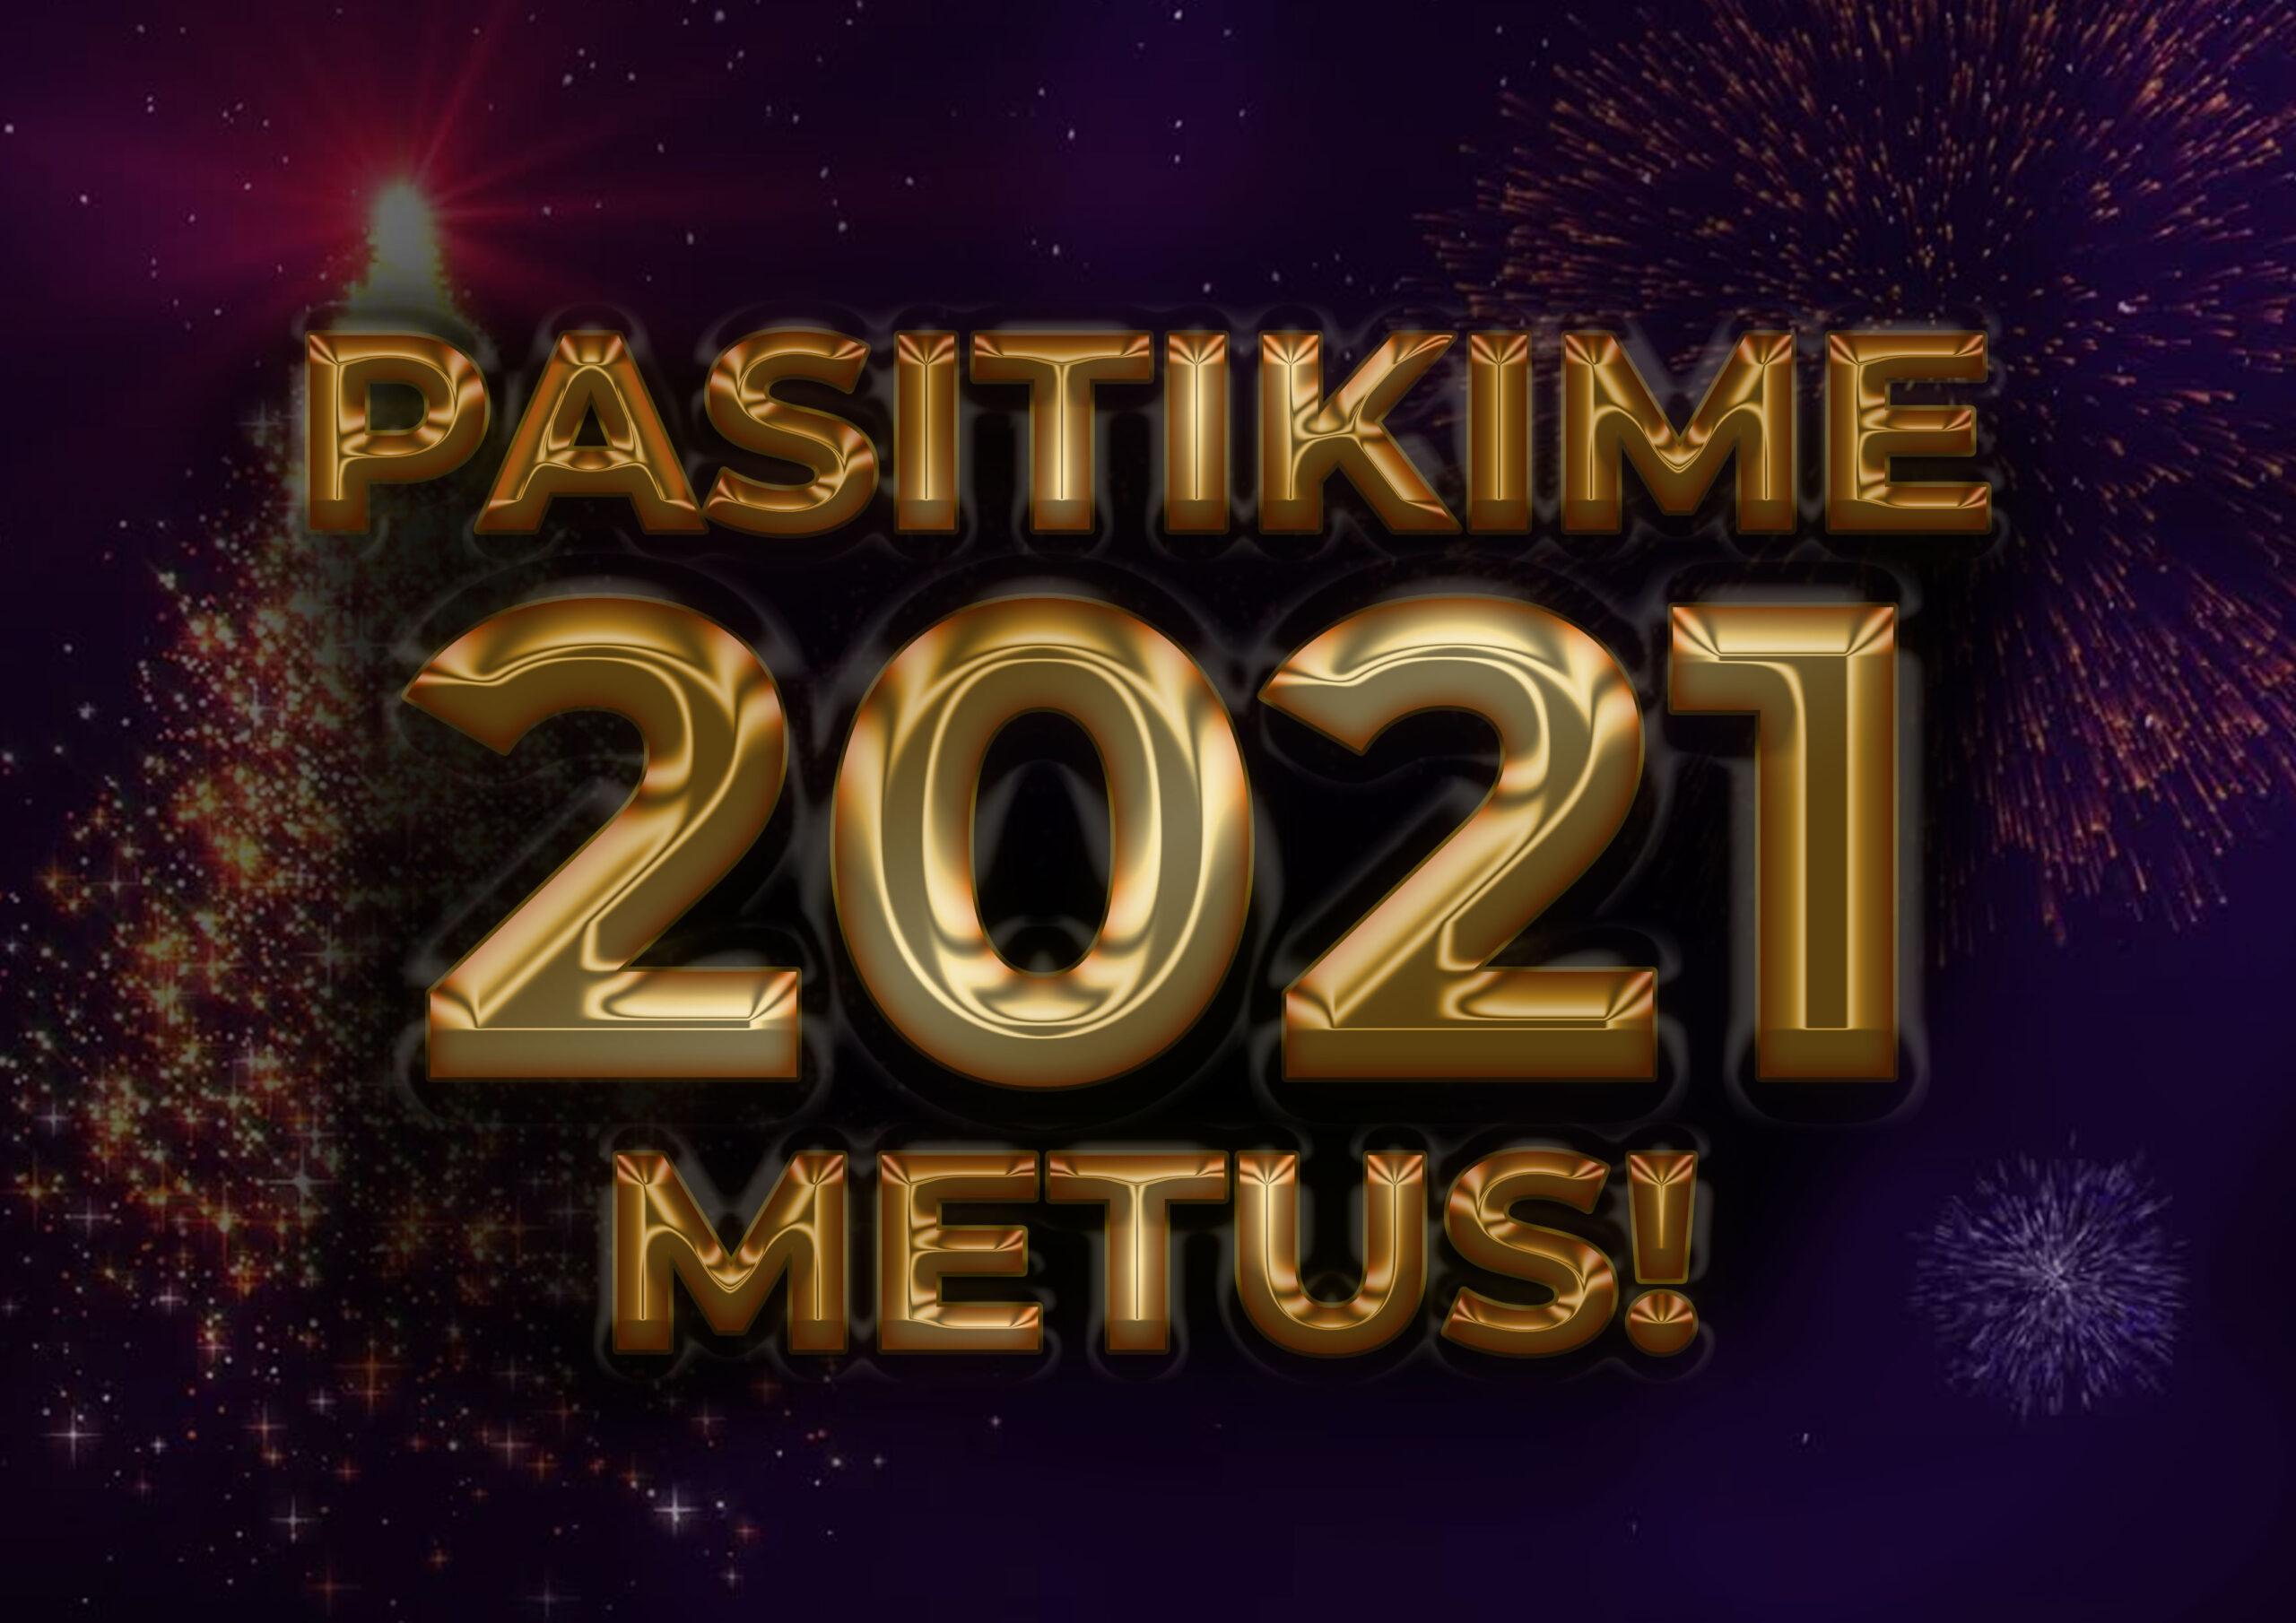 Šveskime 2021 metus